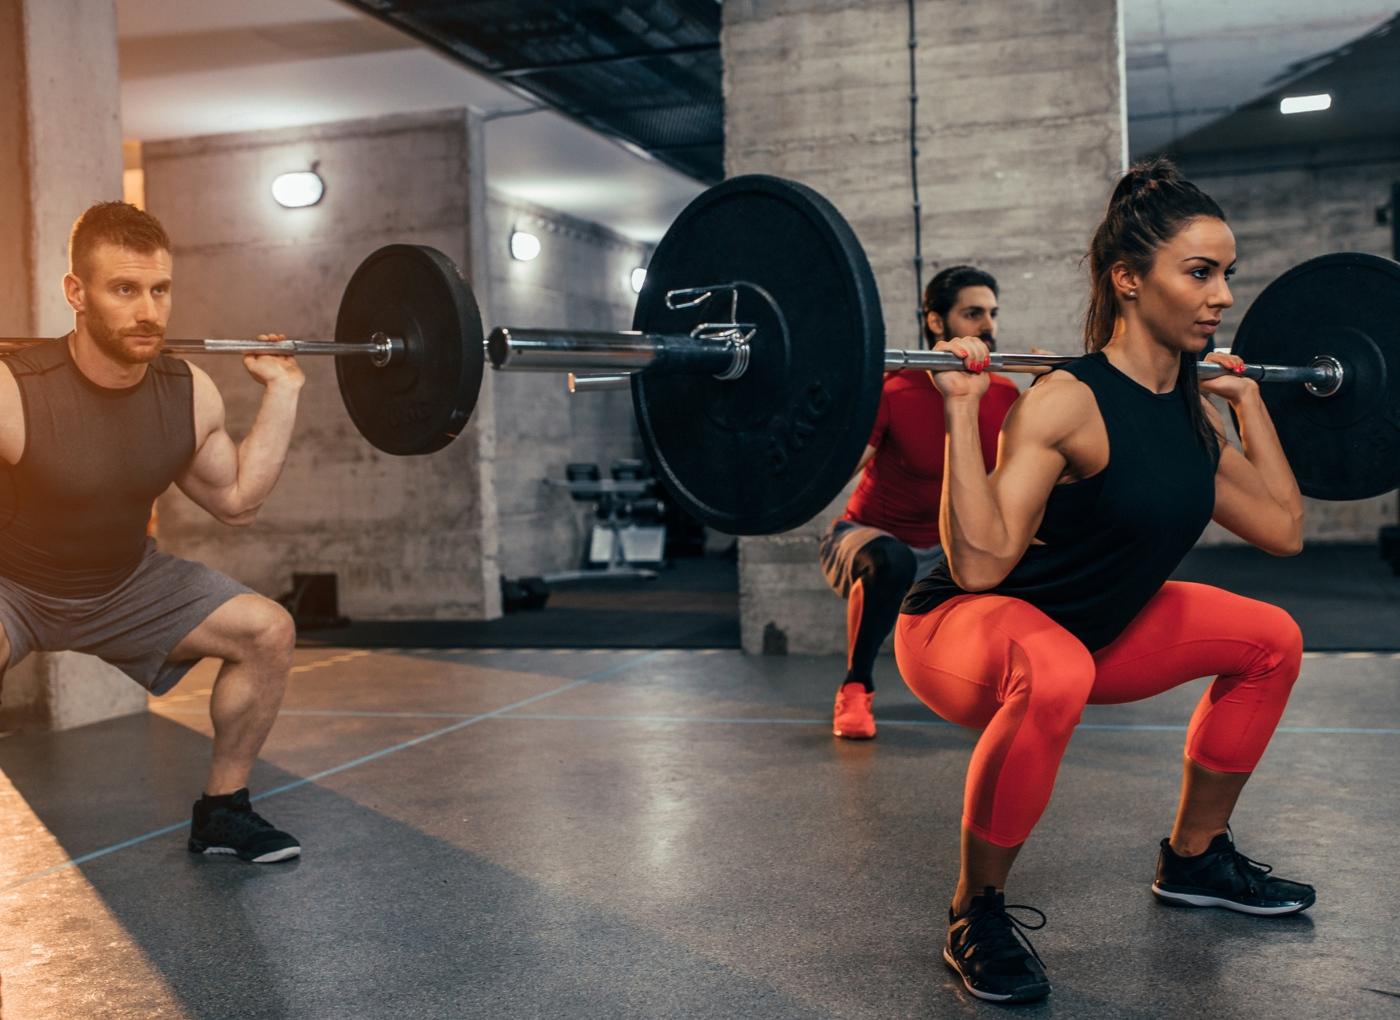 Pessoas no ginásio a fazer treino para ganhar massa muscular